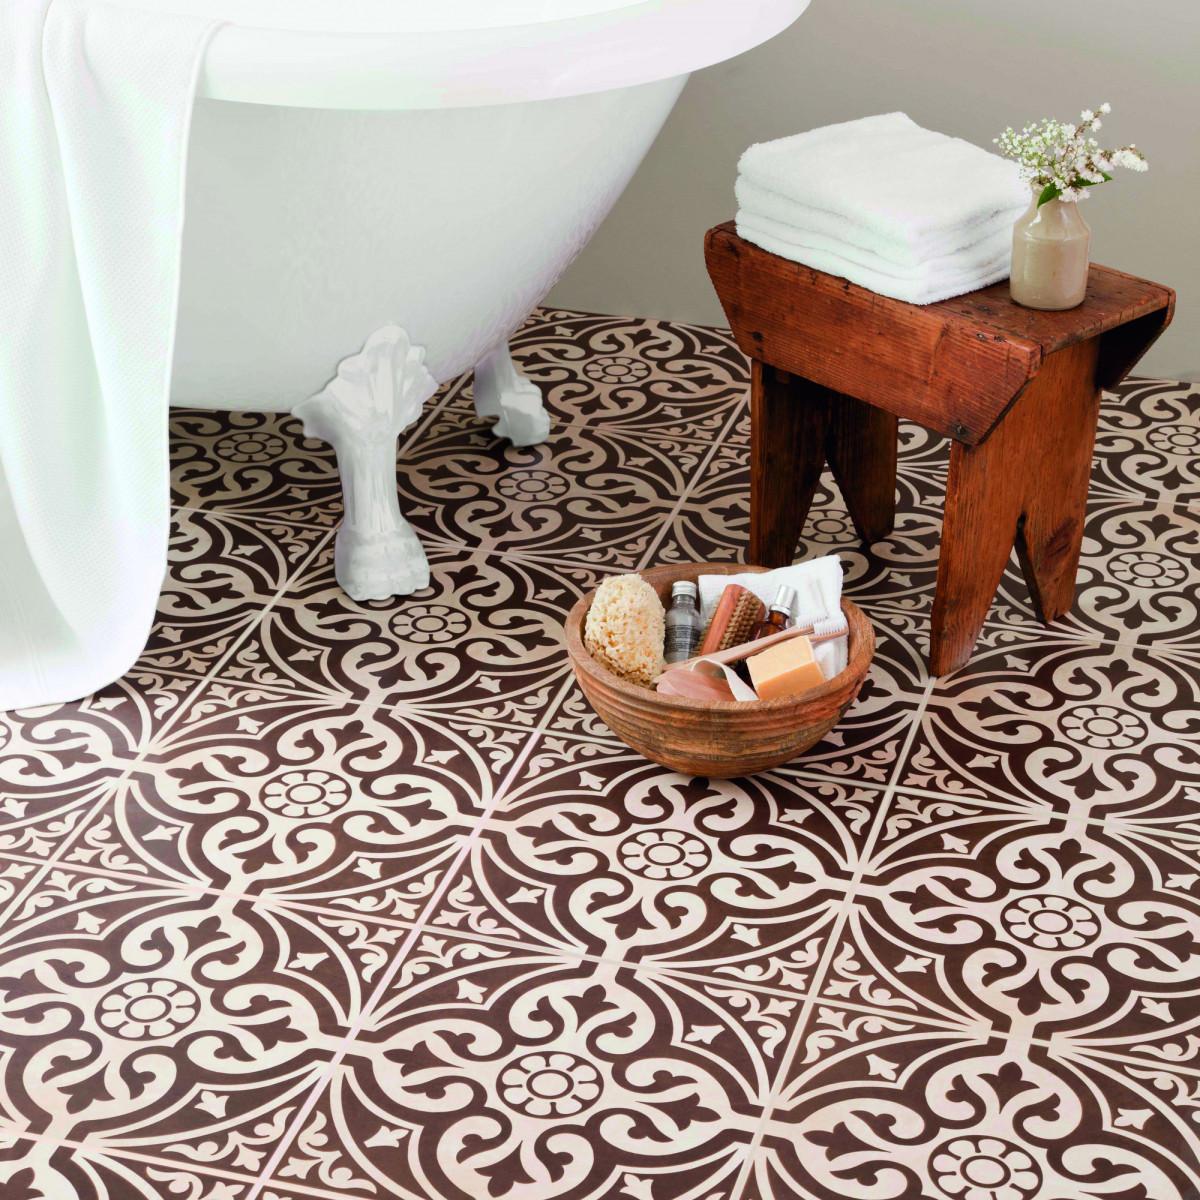 British ceramic tile devonstone brown satin floor british british ceramic tile devonstone brown satin floor british ceramic tile dailygadgetfo Gallery